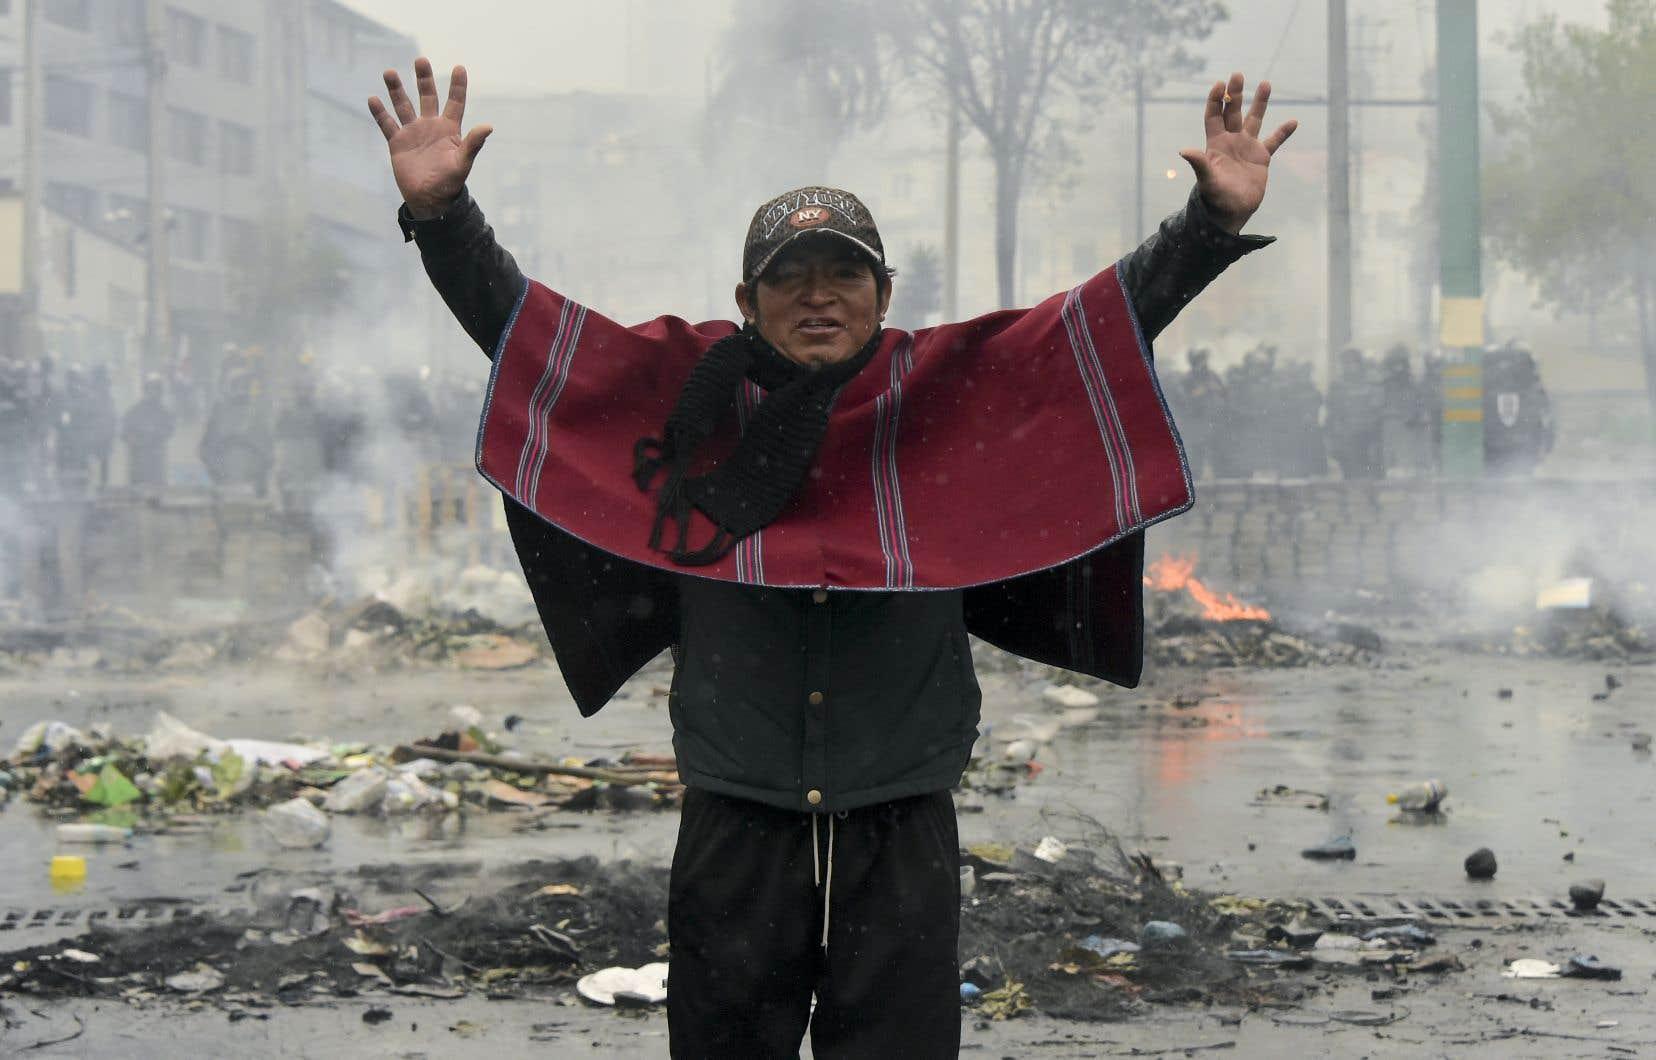 Dimanche, des heurts se poursuivaient aux abords du Parlement alors que la ville se remettait à peine de la journée mouvementée de samedi.Le président Moreno a décrété le couvre-feu et placé la ville sous contrôle militaire jusqu'à nouvel ordre.